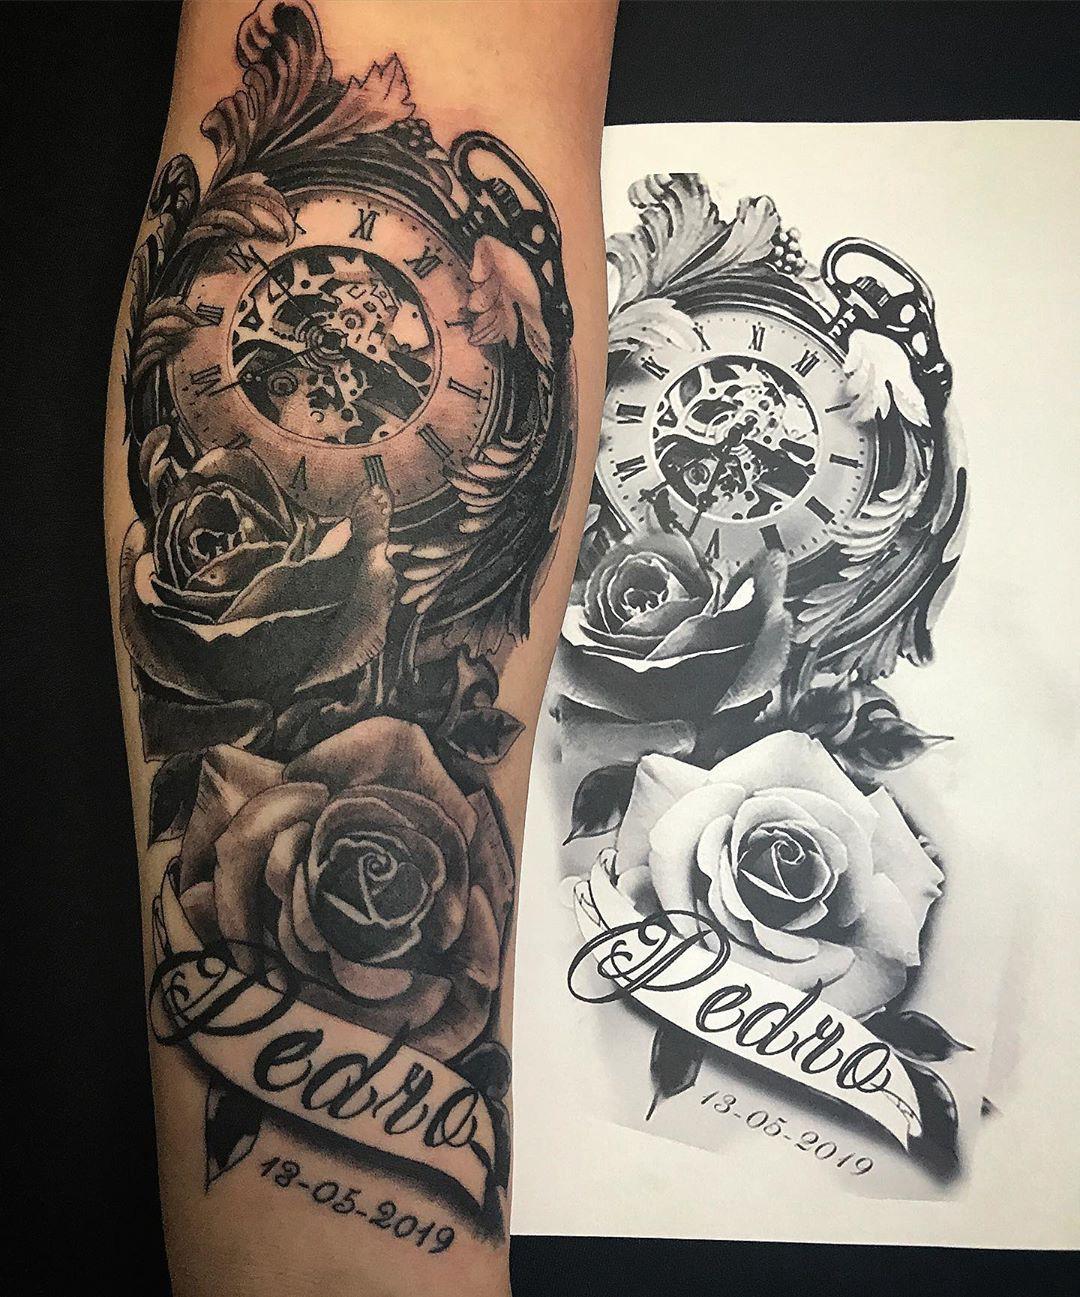 Como Escolher Tatuagem Homem você conhece o significado da tatuagem de relógio? - blog